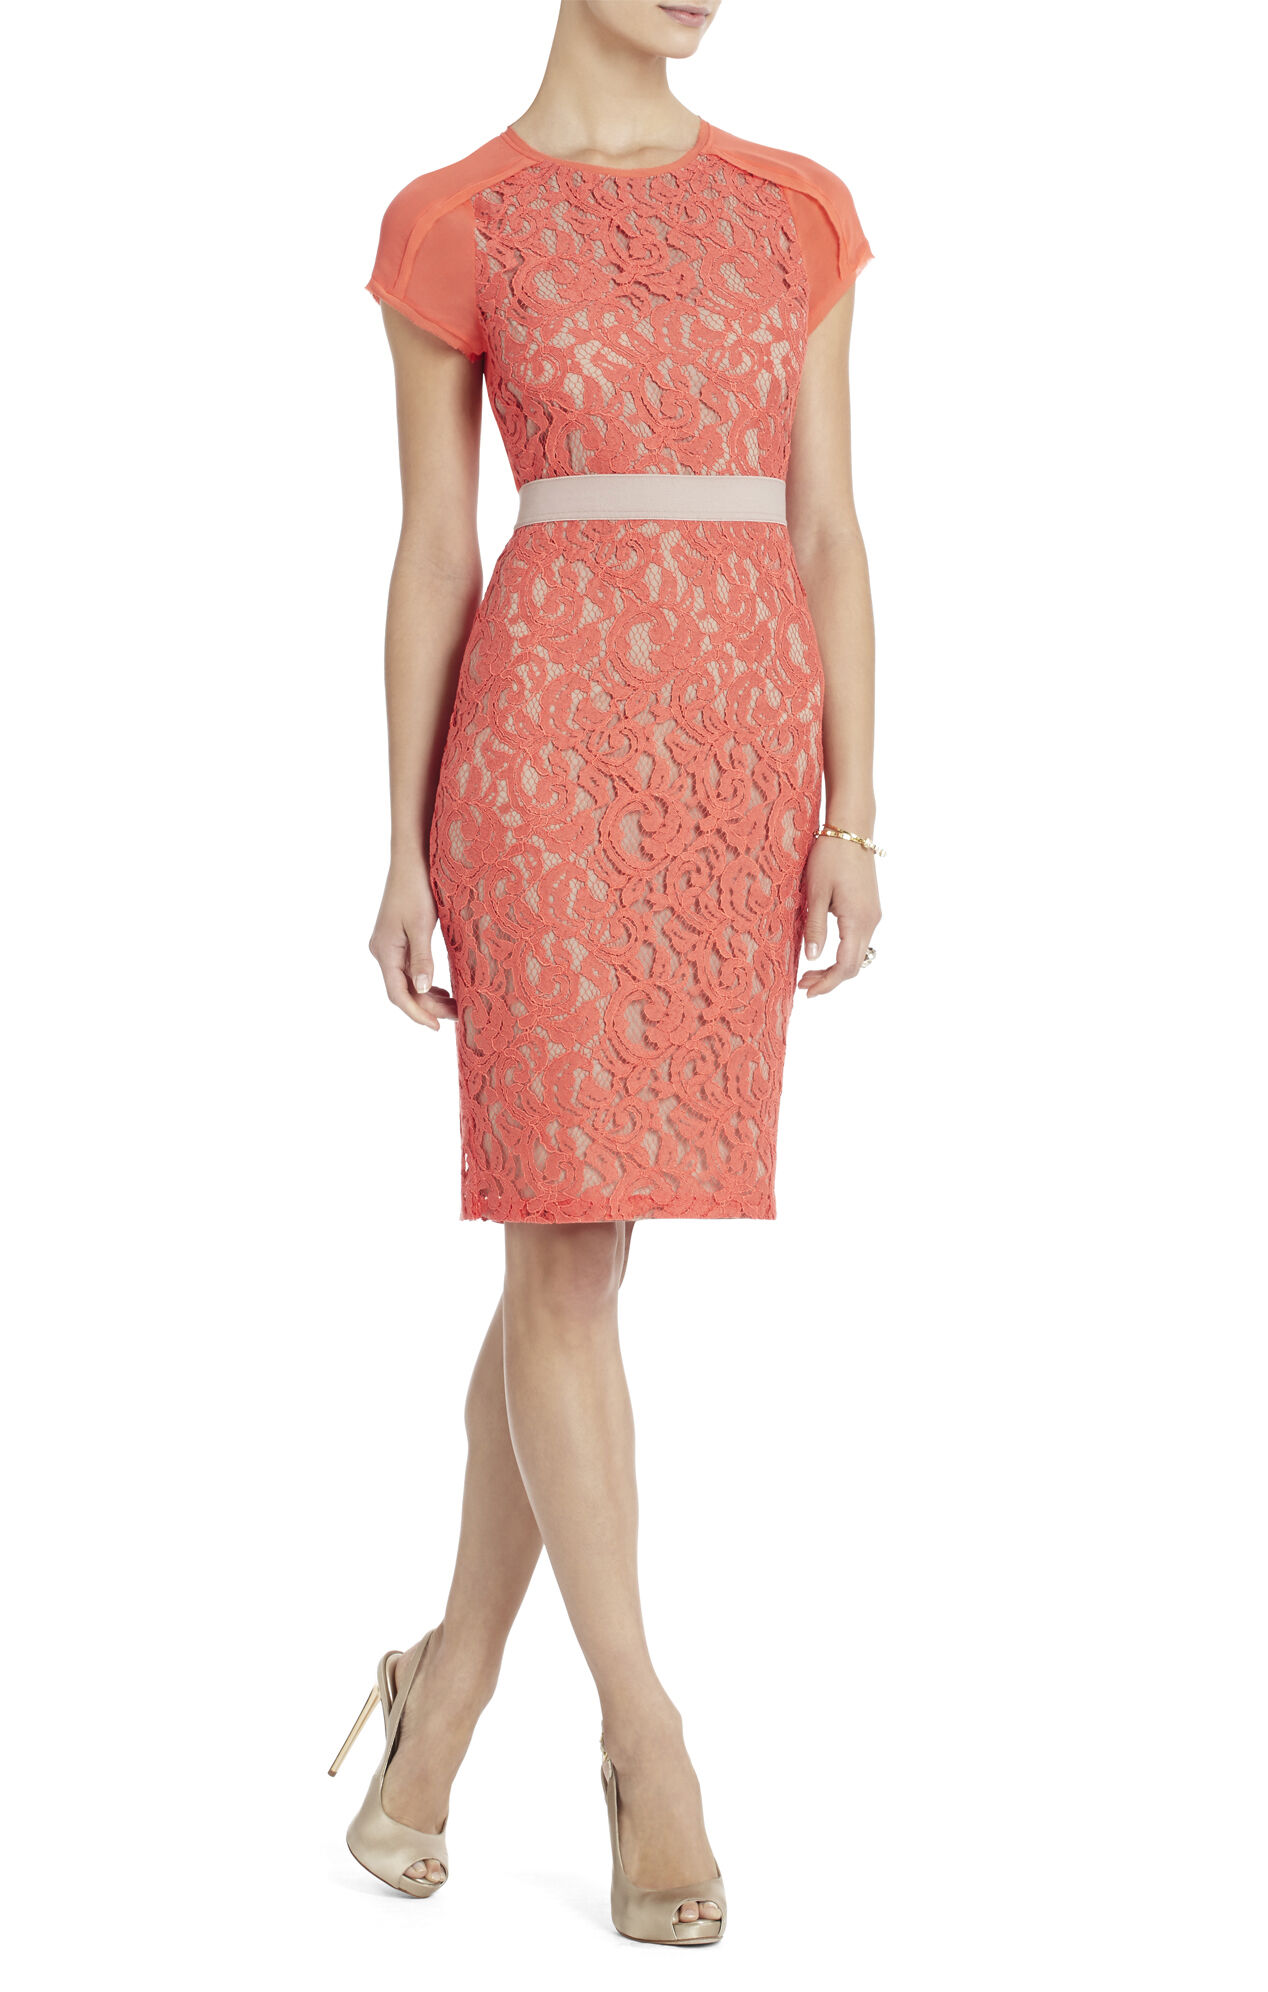 Chara Lace Dress